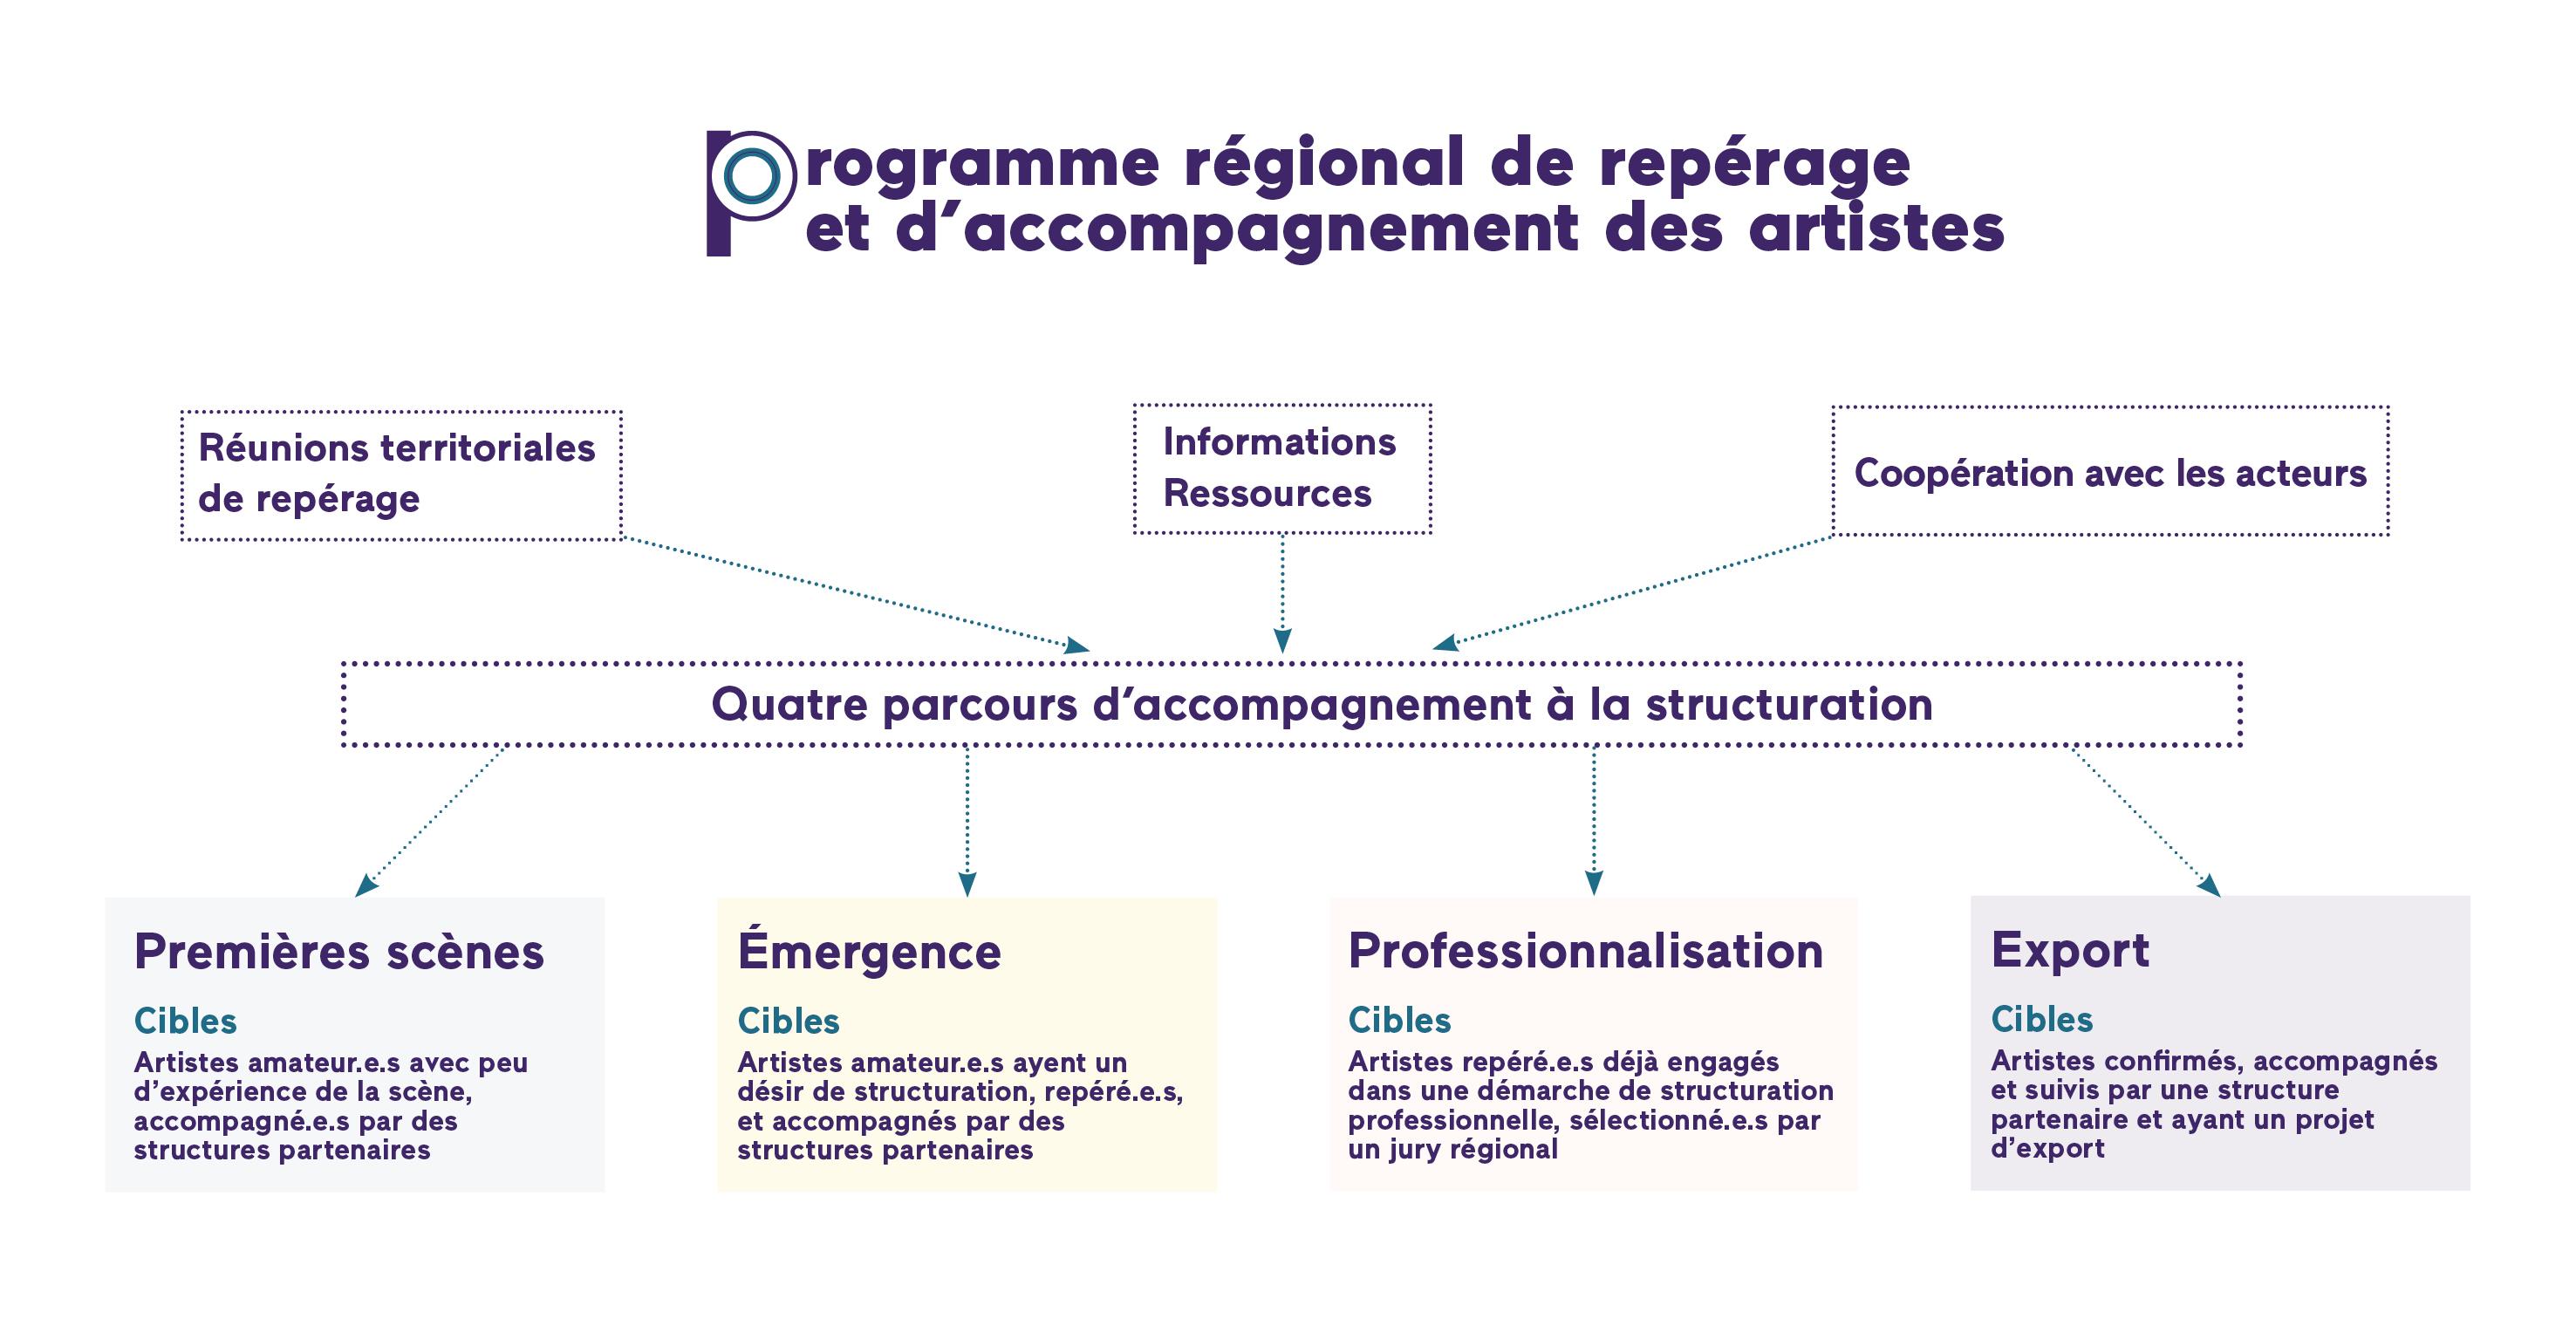 programme regional repérage et acc des artistes grand bureau